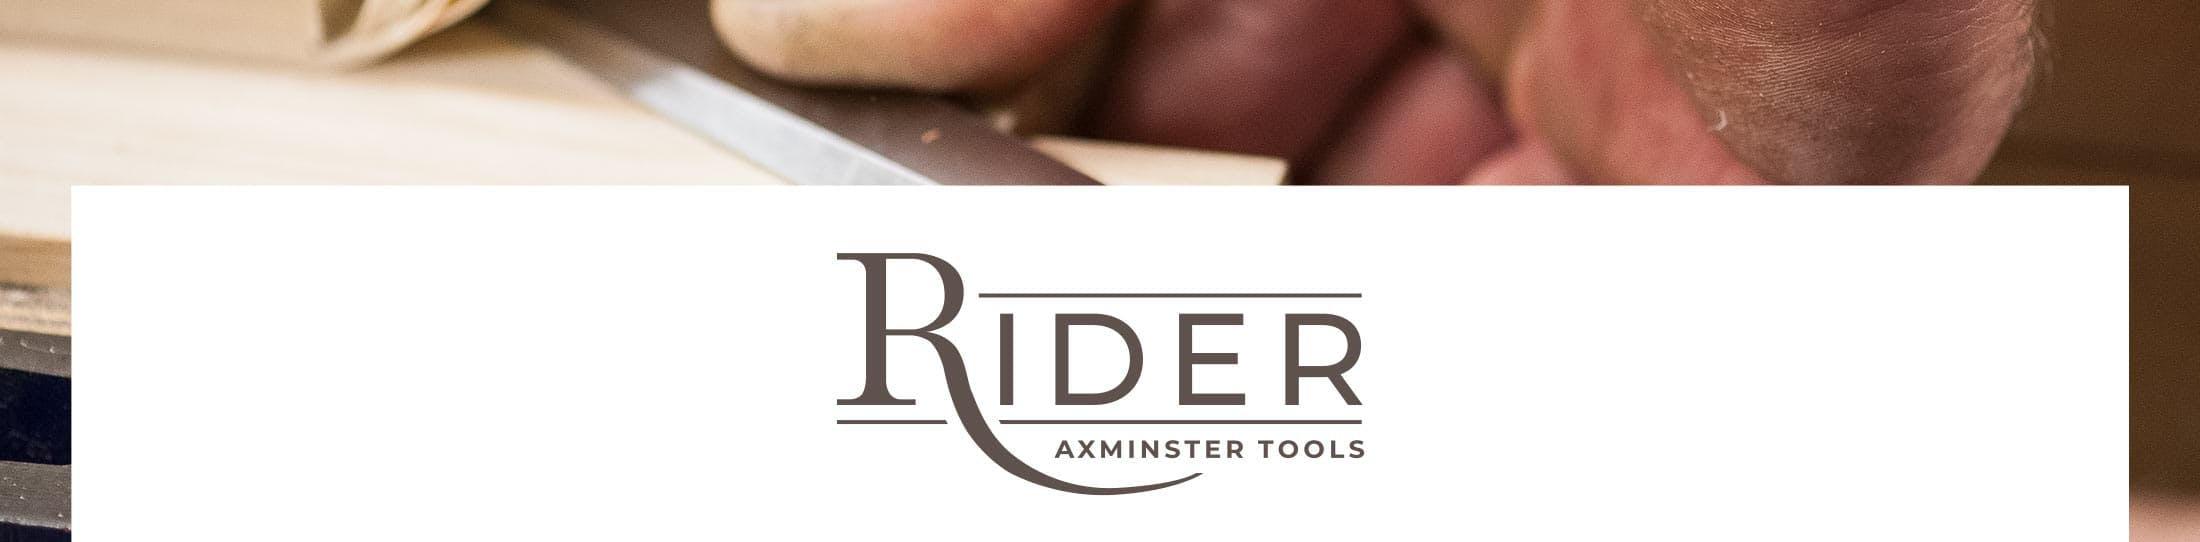 Axminster Rider